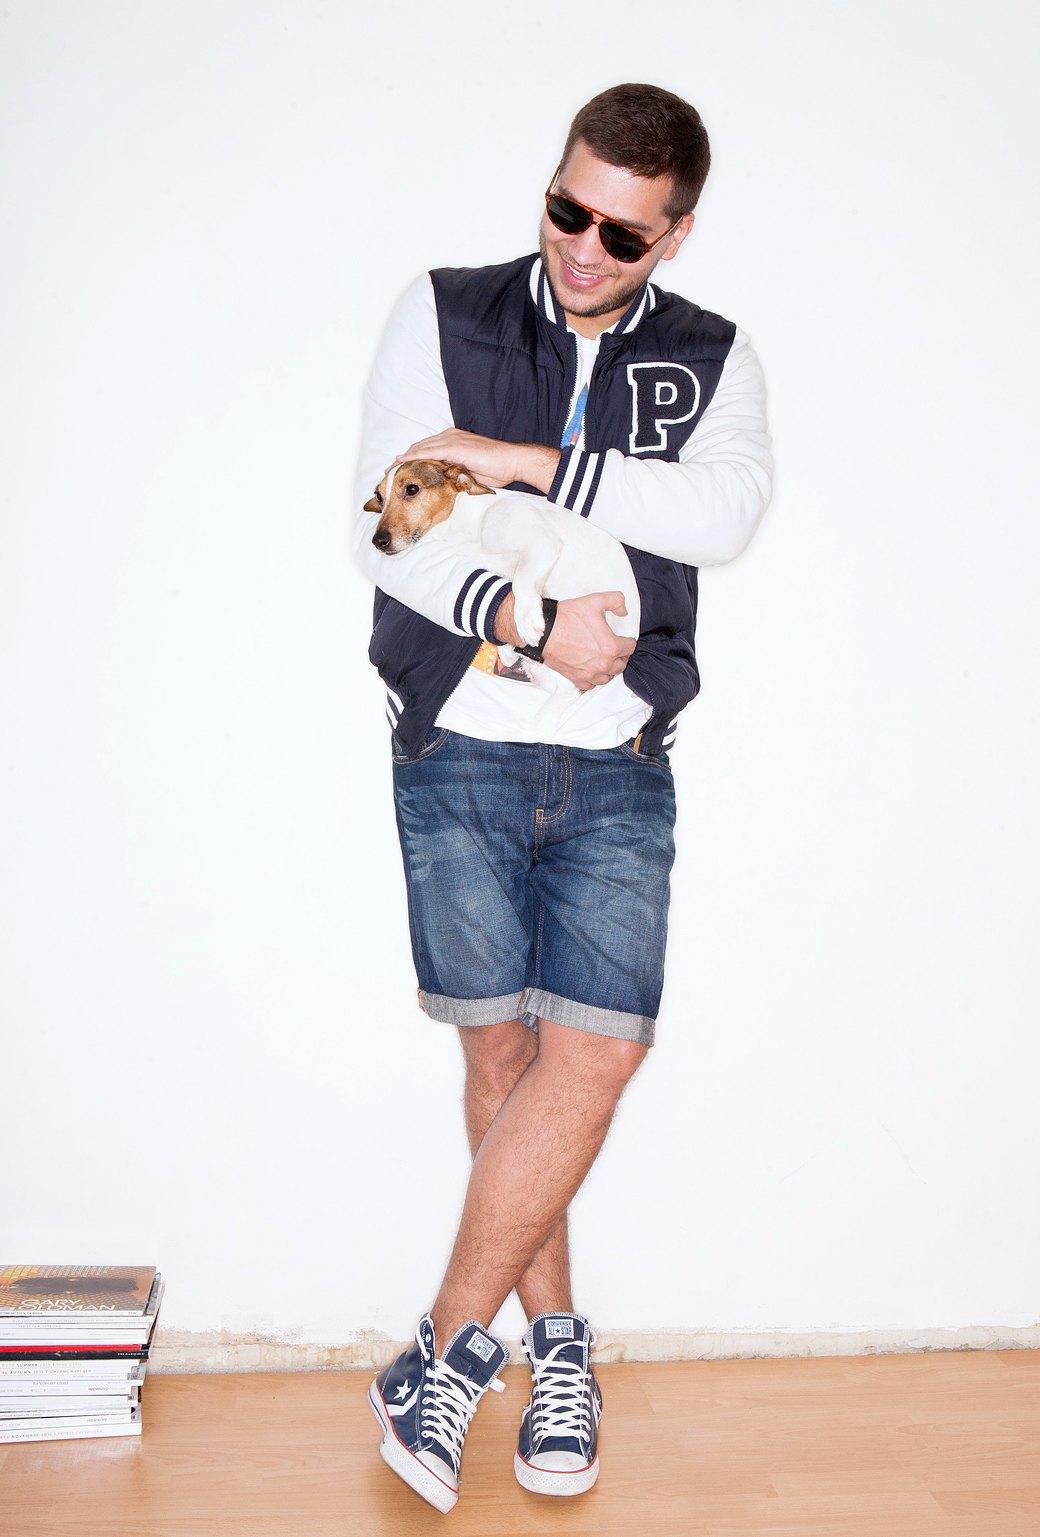 Паша Бобров, PR-специалист BSG Luxury Group. Изображение № 13.